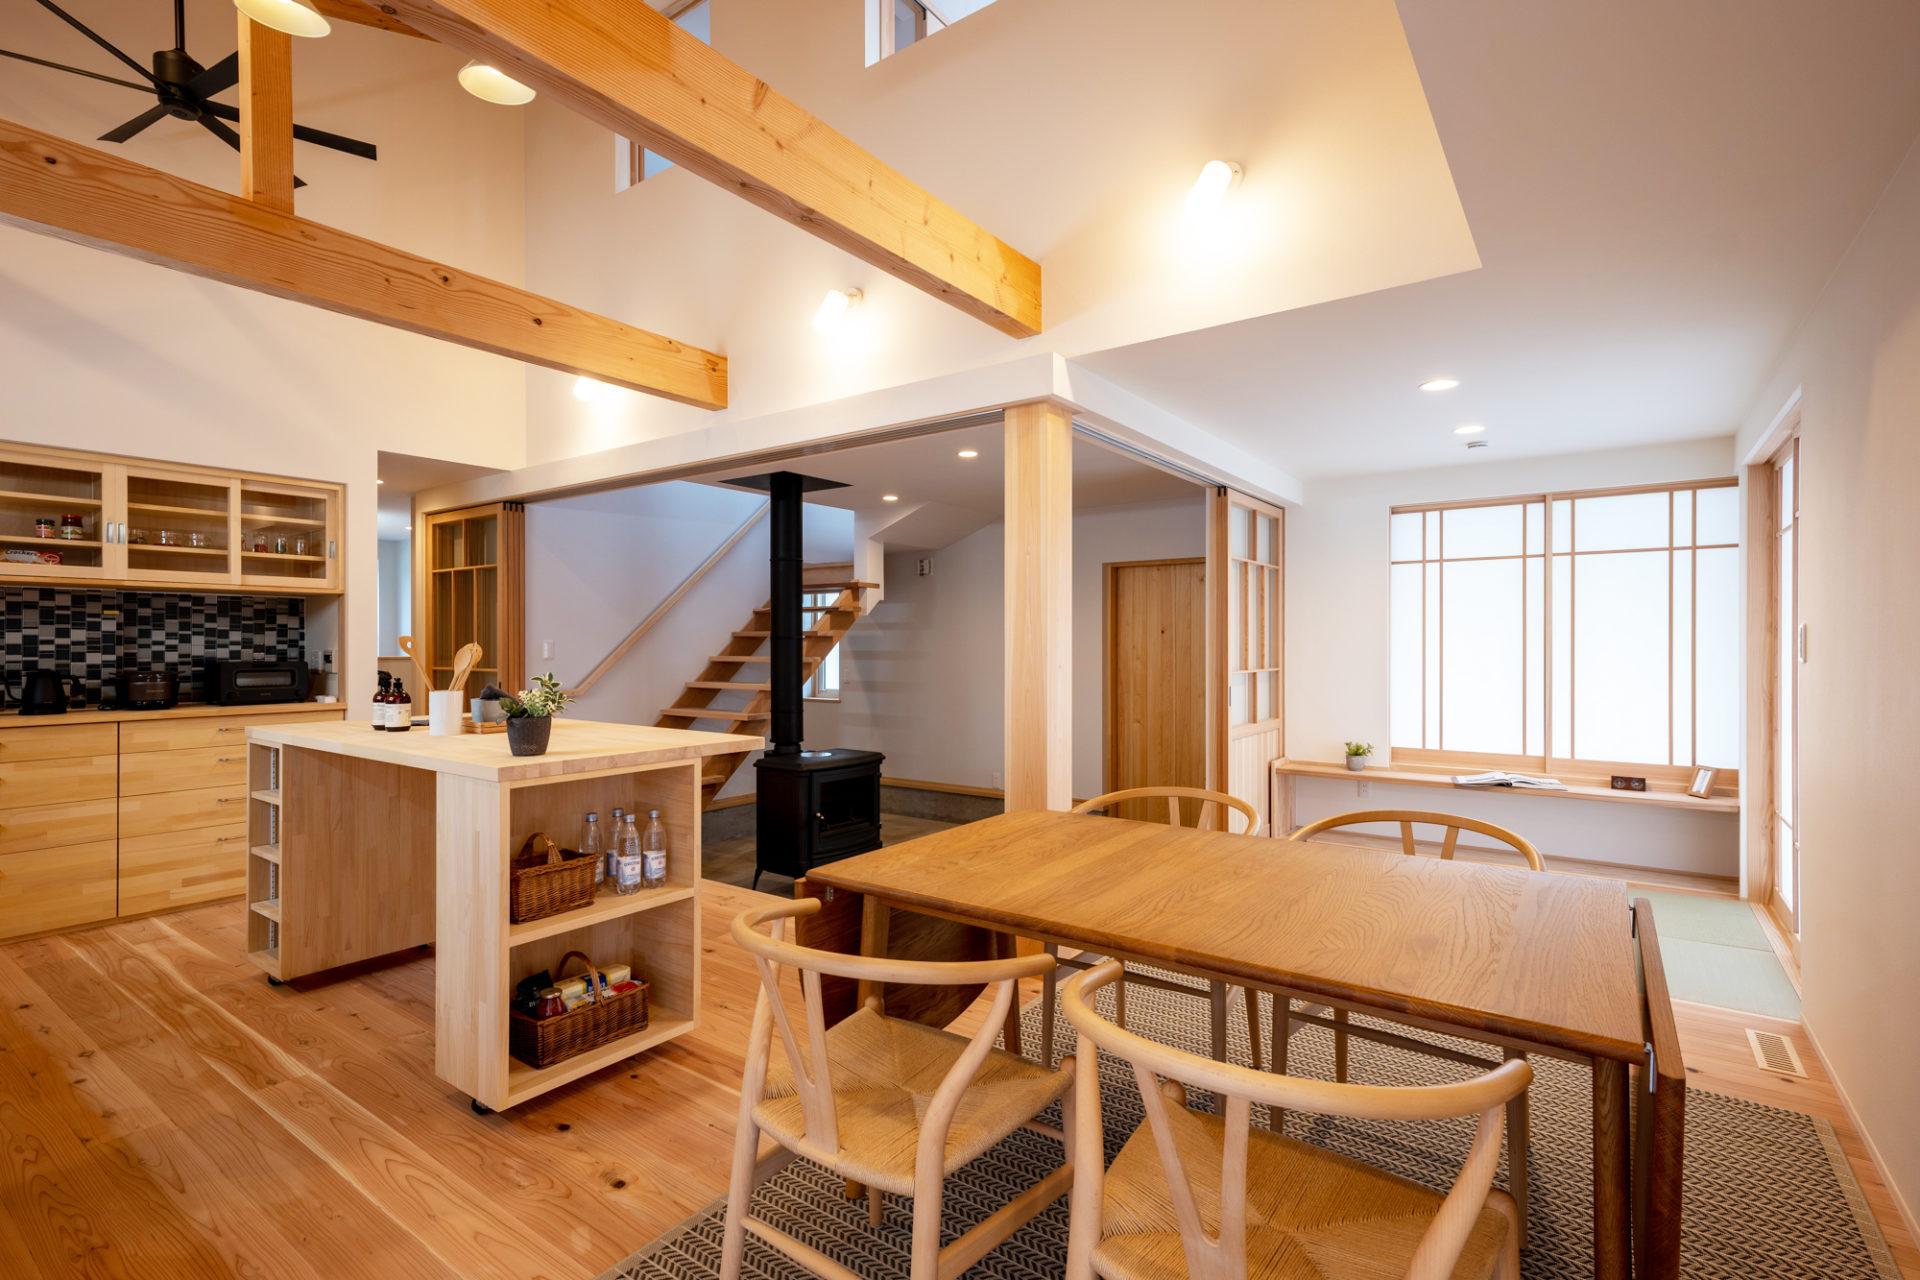 木製のキッチンとダイニングテーブルの奥に土間玄関と薪ストーブ